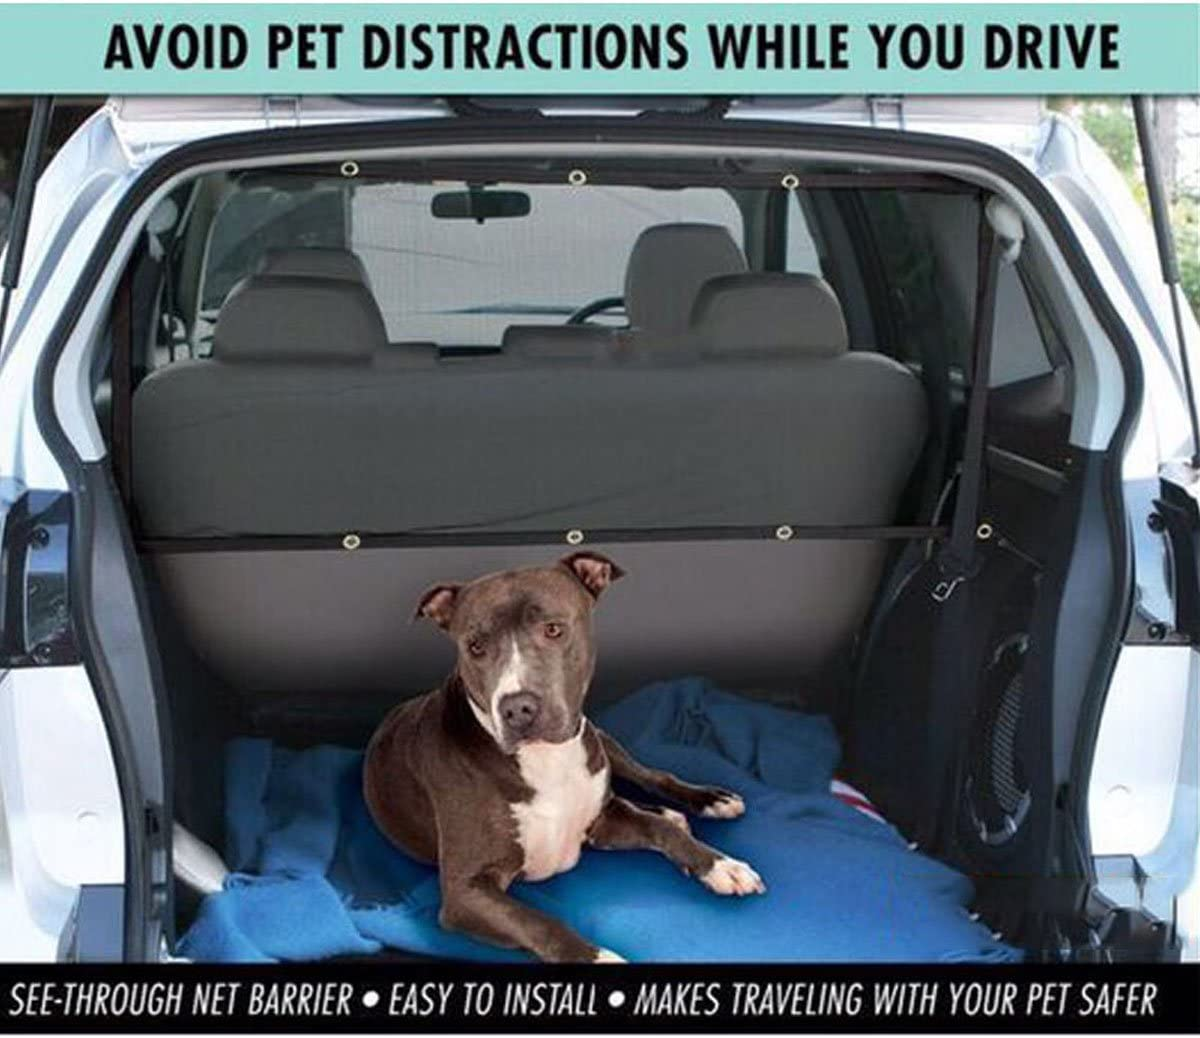 MAyouth Auto Pet Barrier Sicherheitsnetz F/ür Hund Fahrzeug Universal-Maschendrahtzaun Sicherheitsbarriere Durable Reise Blocks Hunde Zugang Zu Auto-Frontsitze